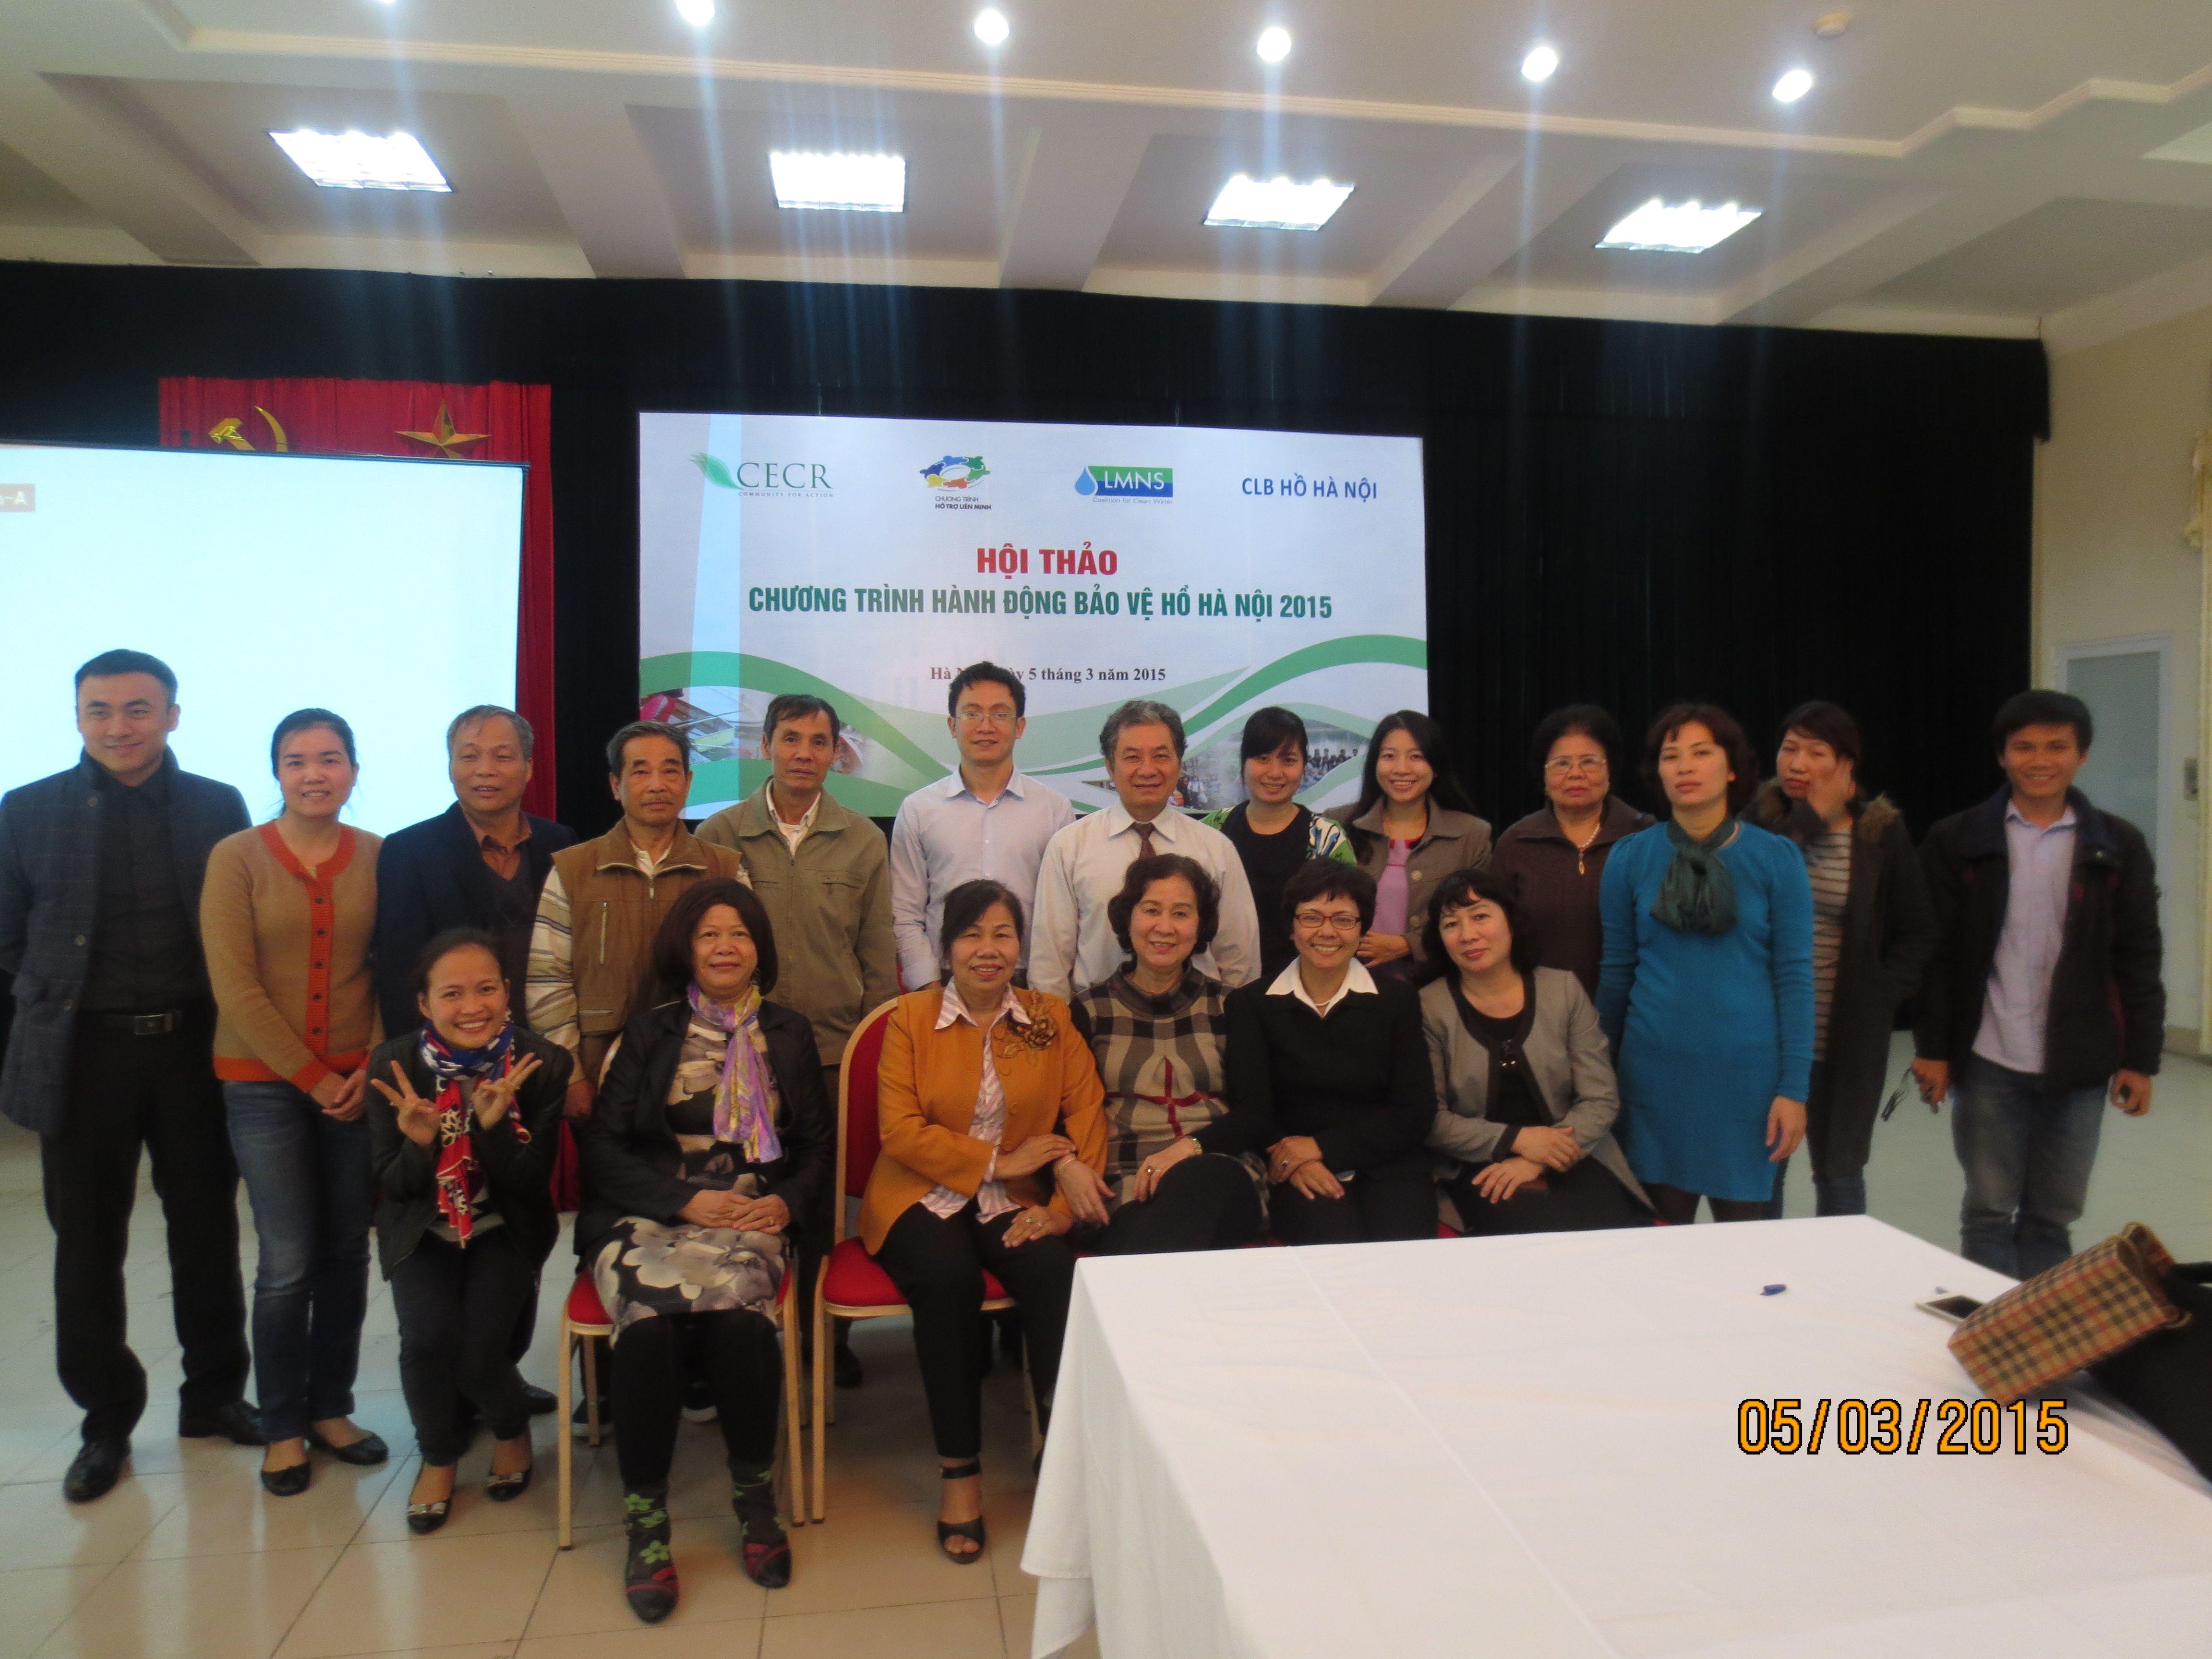 """Hội thảo """"Chương trình hành động bảo vệ hồ Hà Nội 2015"""""""